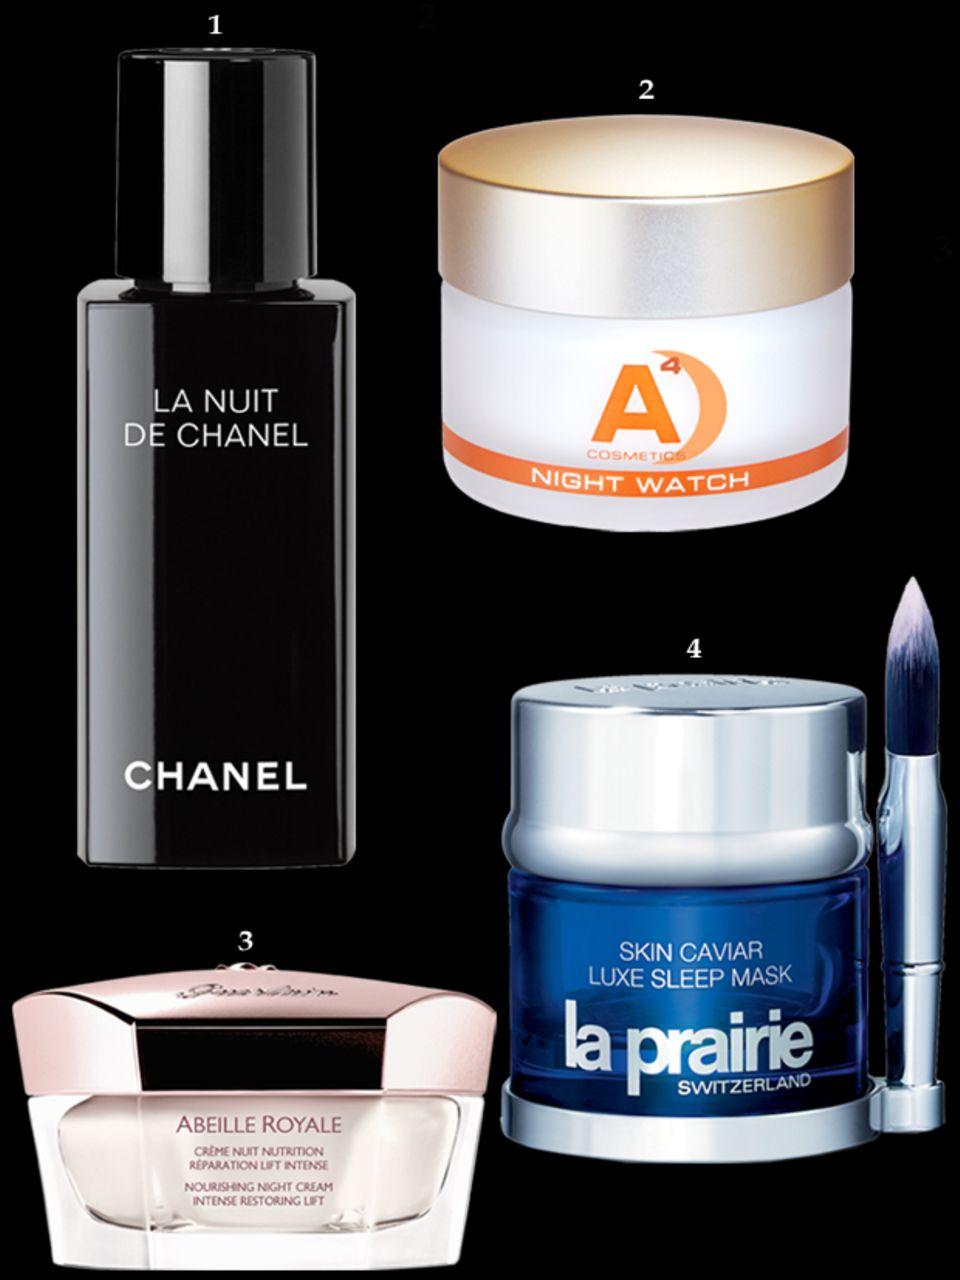 """1. Beruhigt mit Weihrauch-Extrakt: """"La Nuit de Chanel"""", 50 ml, ca. 75 Euro; 2. Glättet und entgiftet: Anti-Age-Pflege """"Night Watch"""" von A4, 50 ml, ca. 165 Euro, www.a4cosmetics.de; 3. """"Abeille Royale – Crème Nuit Nutrition"""" von Guerlain, 50 ml, ca. 165 Euro; 4. Festigt und kräftigt mit Kaviarextrakt: """"Skin Caviar Luxe Sleep Mask"""" von La Prairie, 50 ml, ca. 260 Euro"""